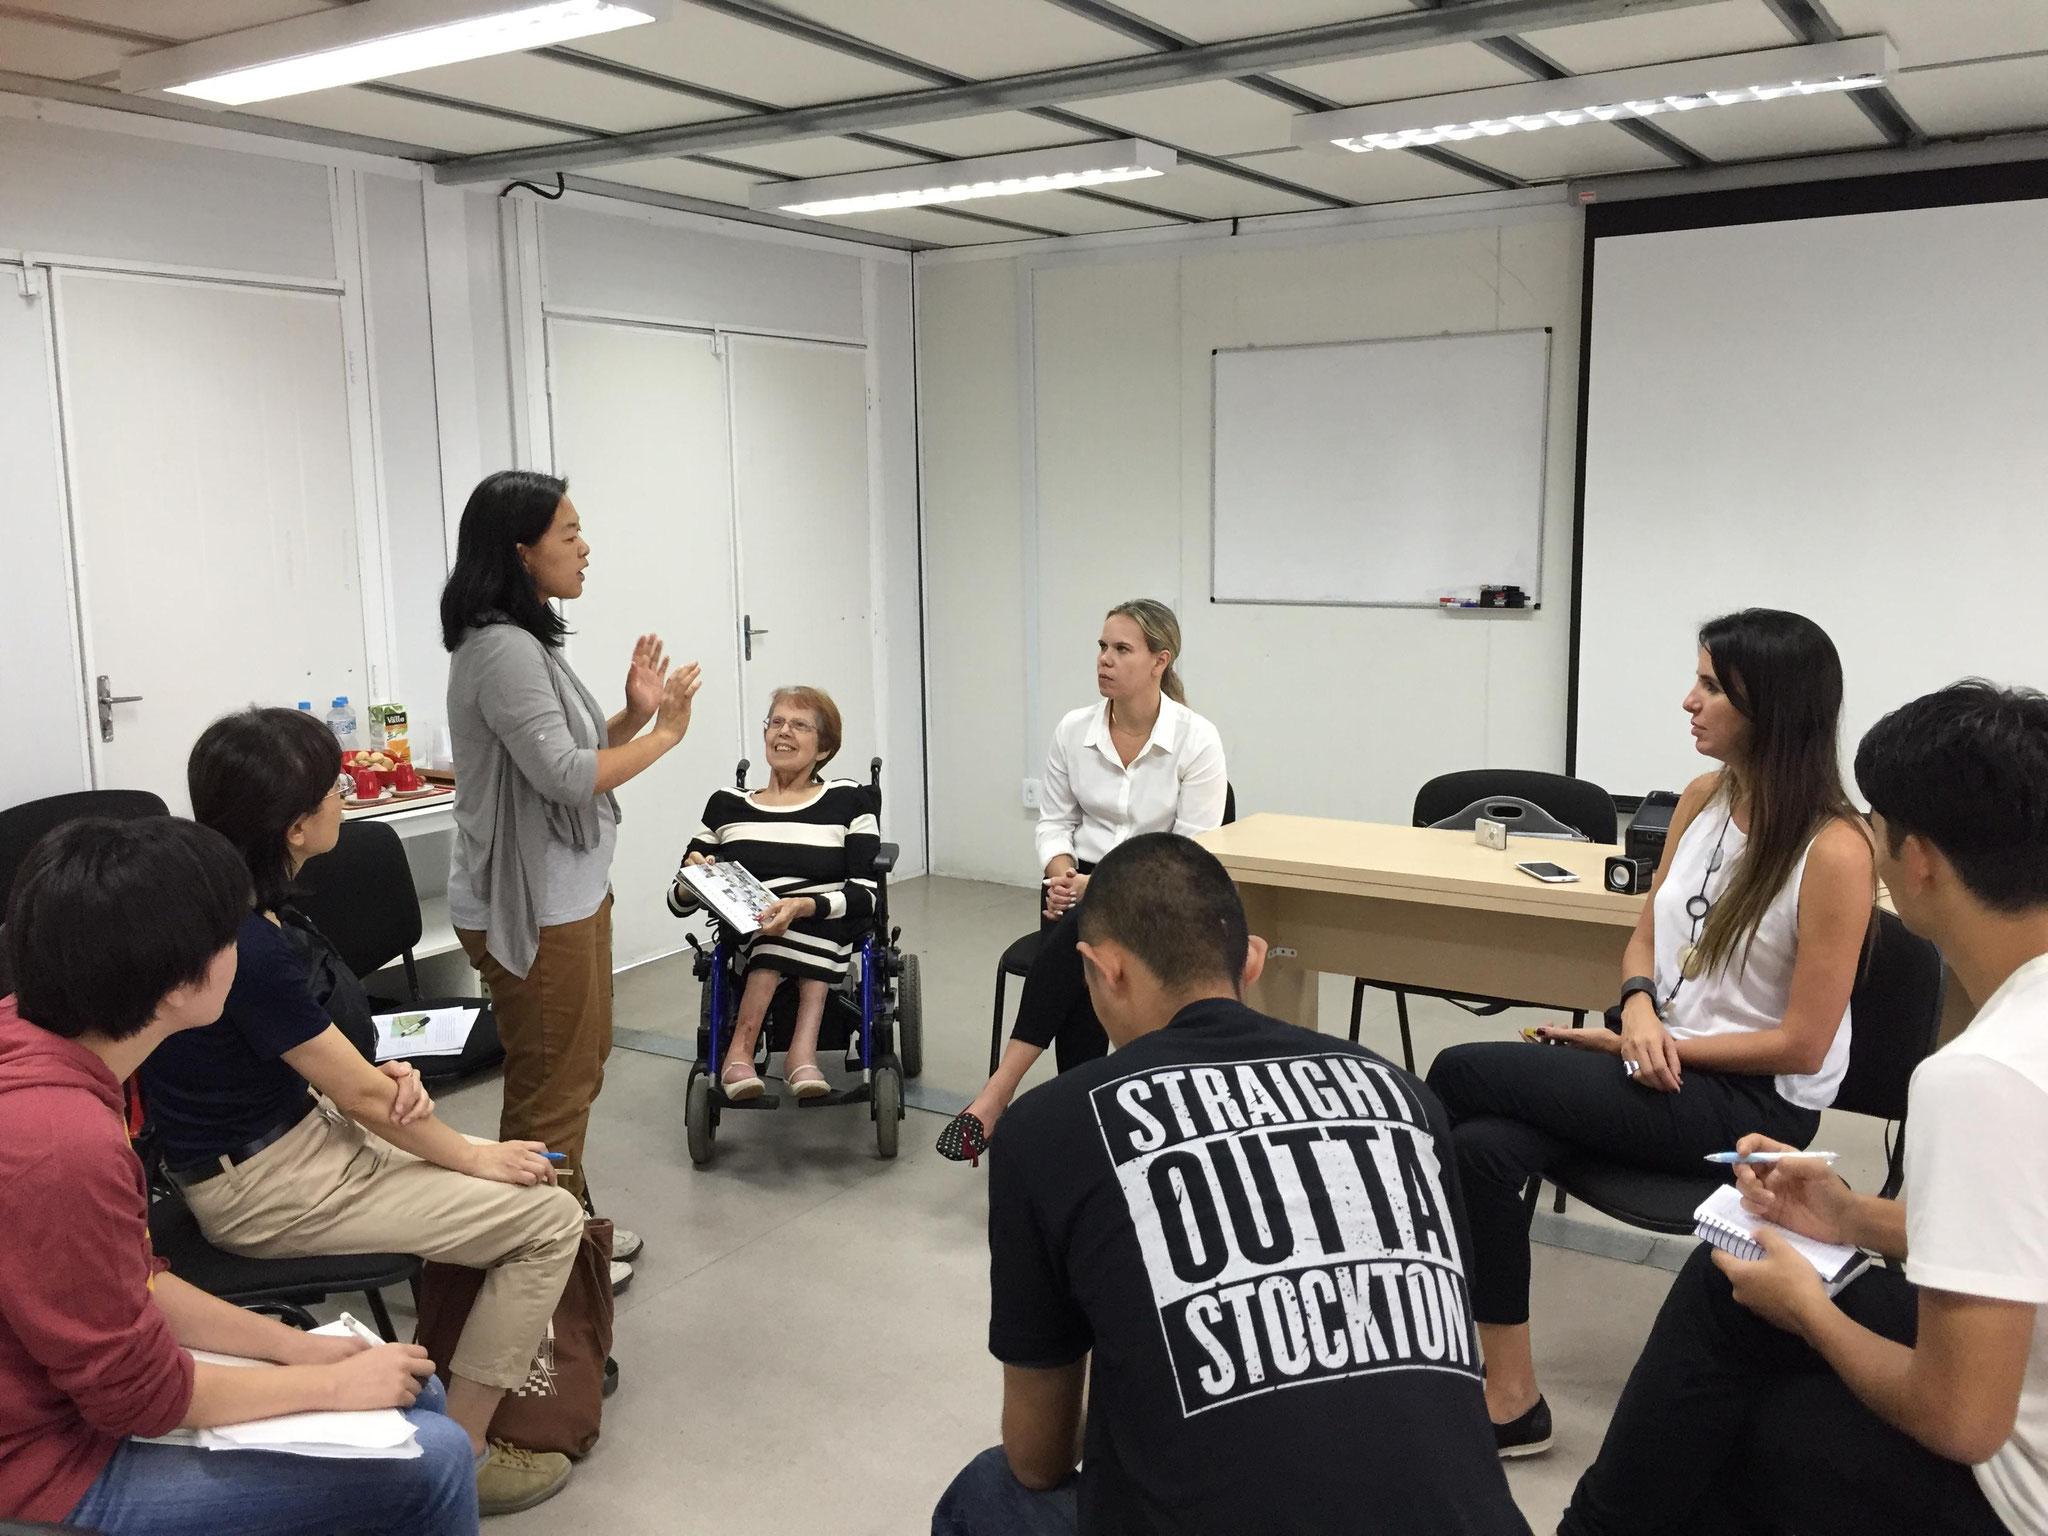 リオデジャネイロ障害者自立生活センター(CVI-RIO) スタッフの皆さんと意見交換